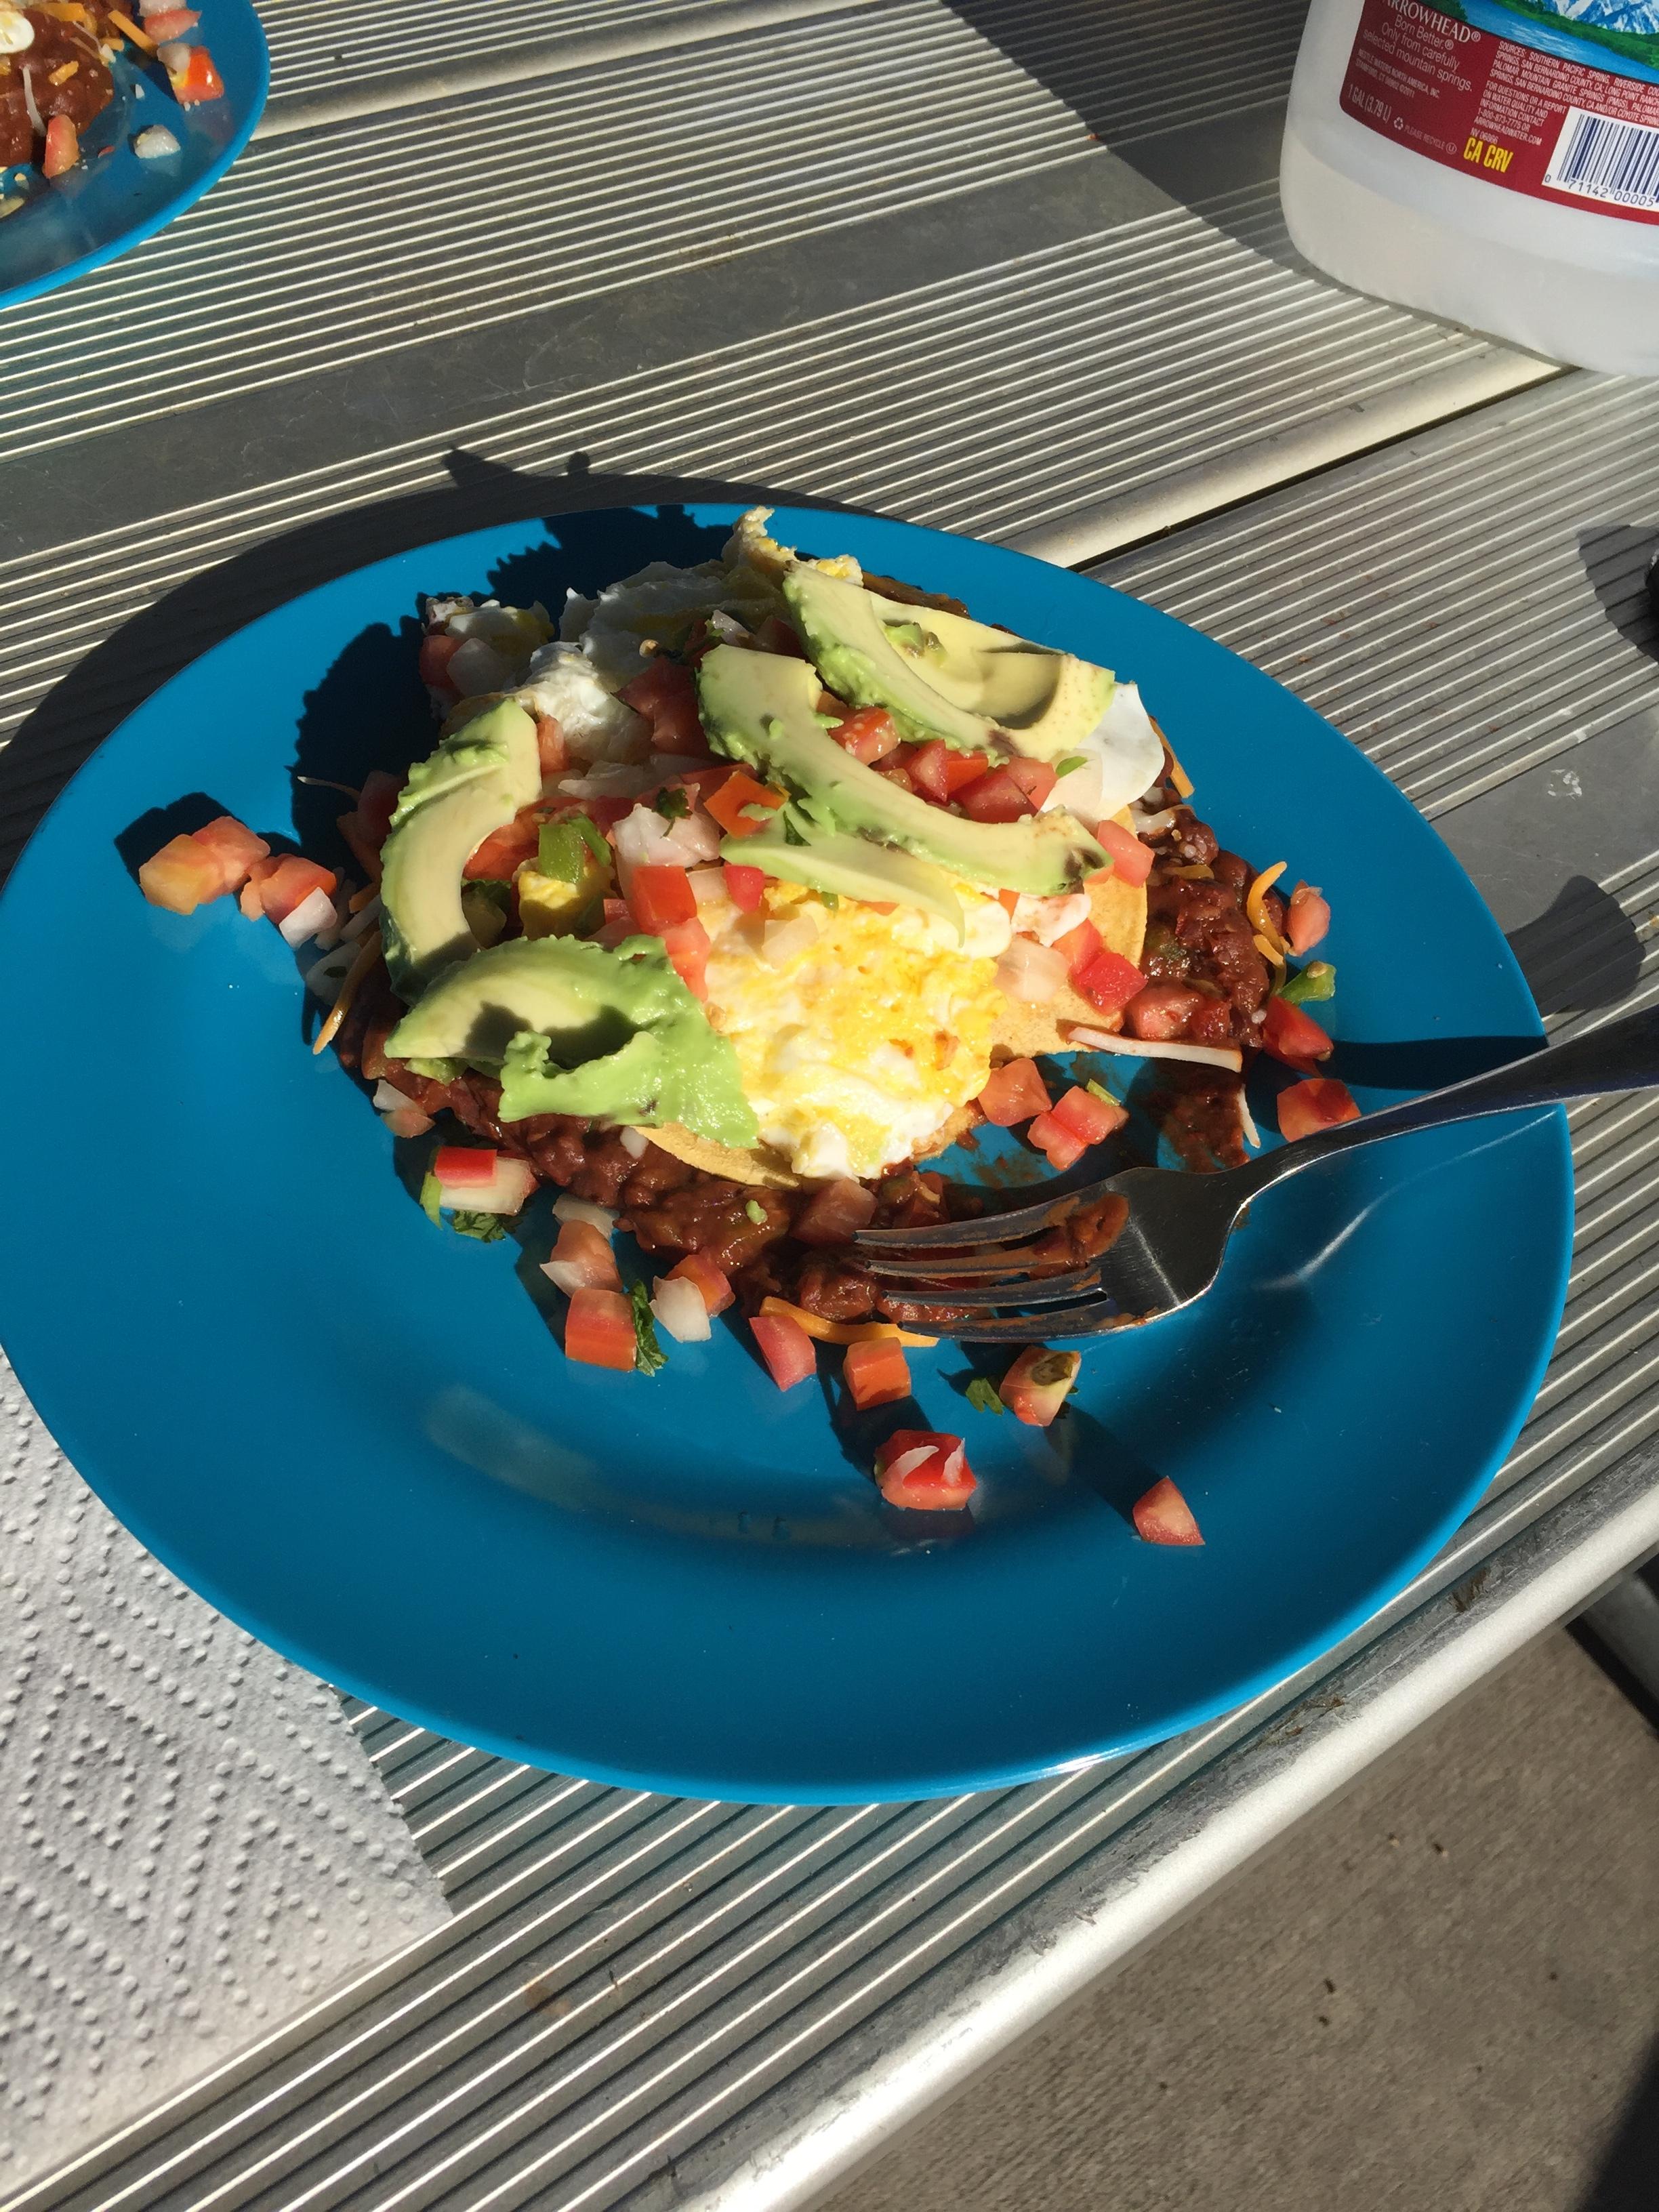 Huevos Rancheros camping style.